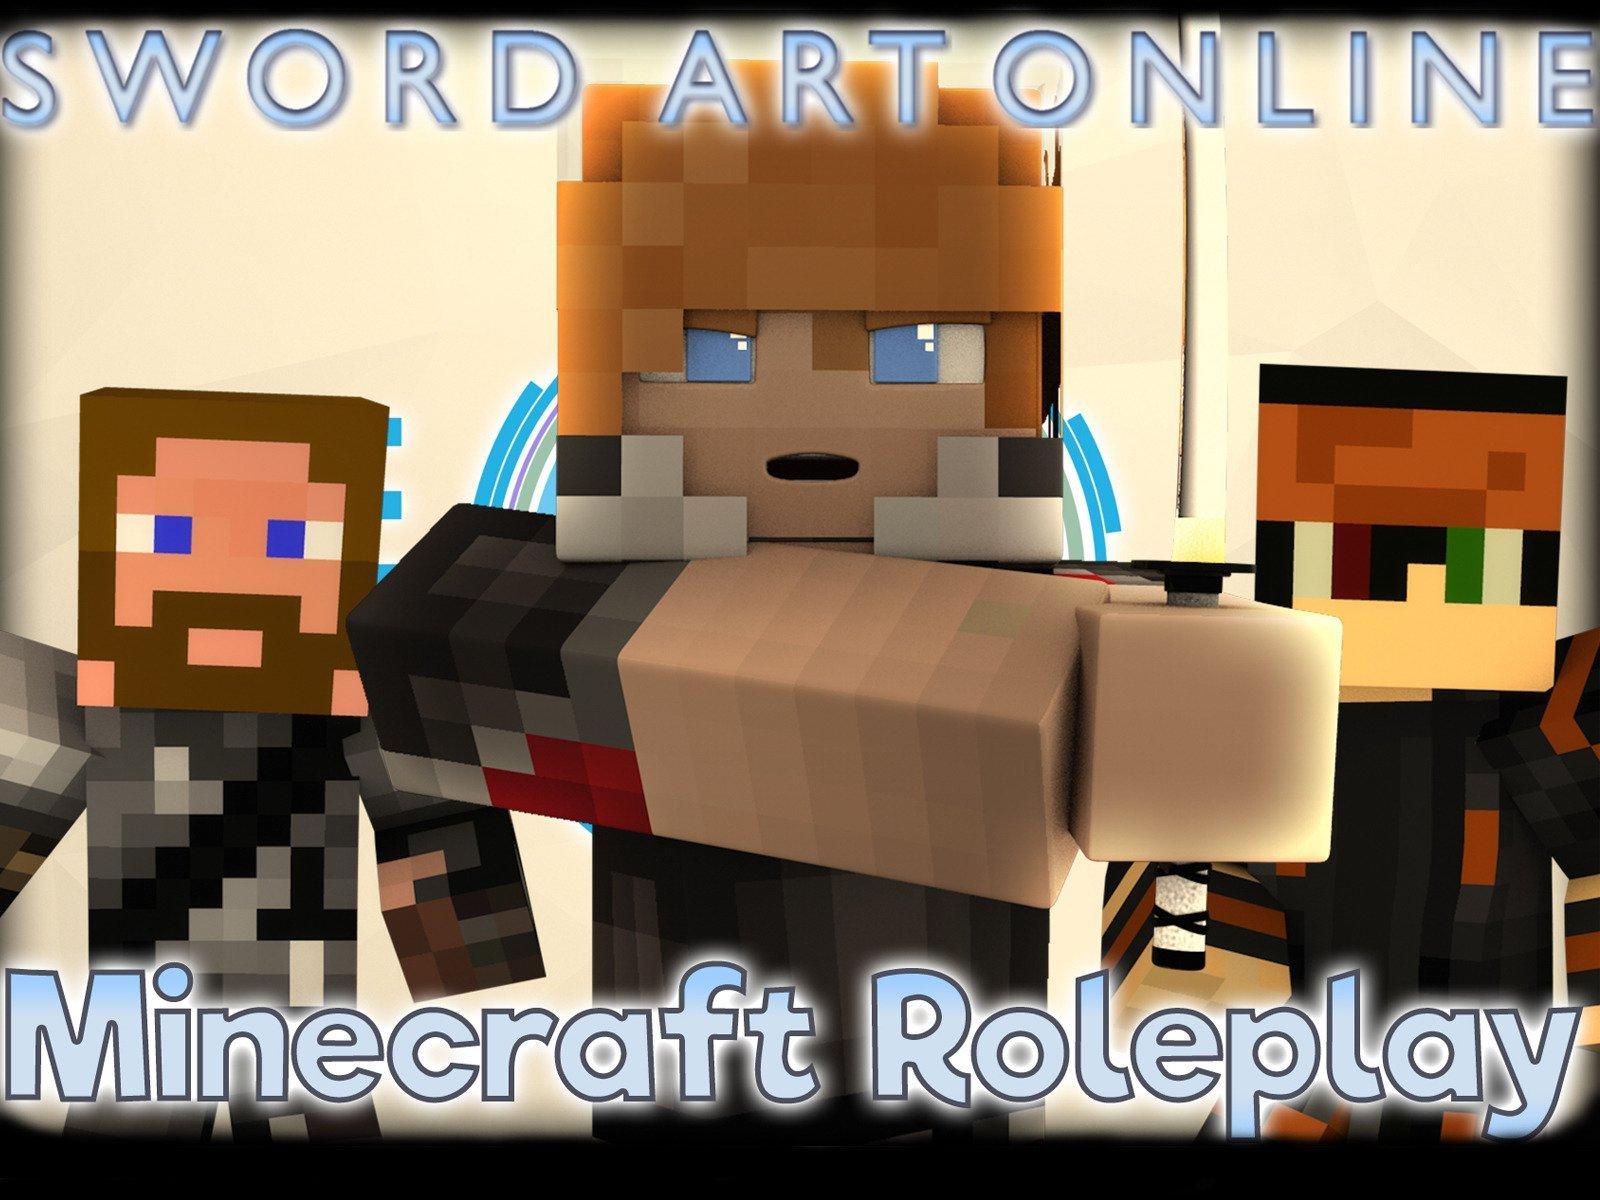 Clip: Sword Art Online (Minecraft Roleplay)